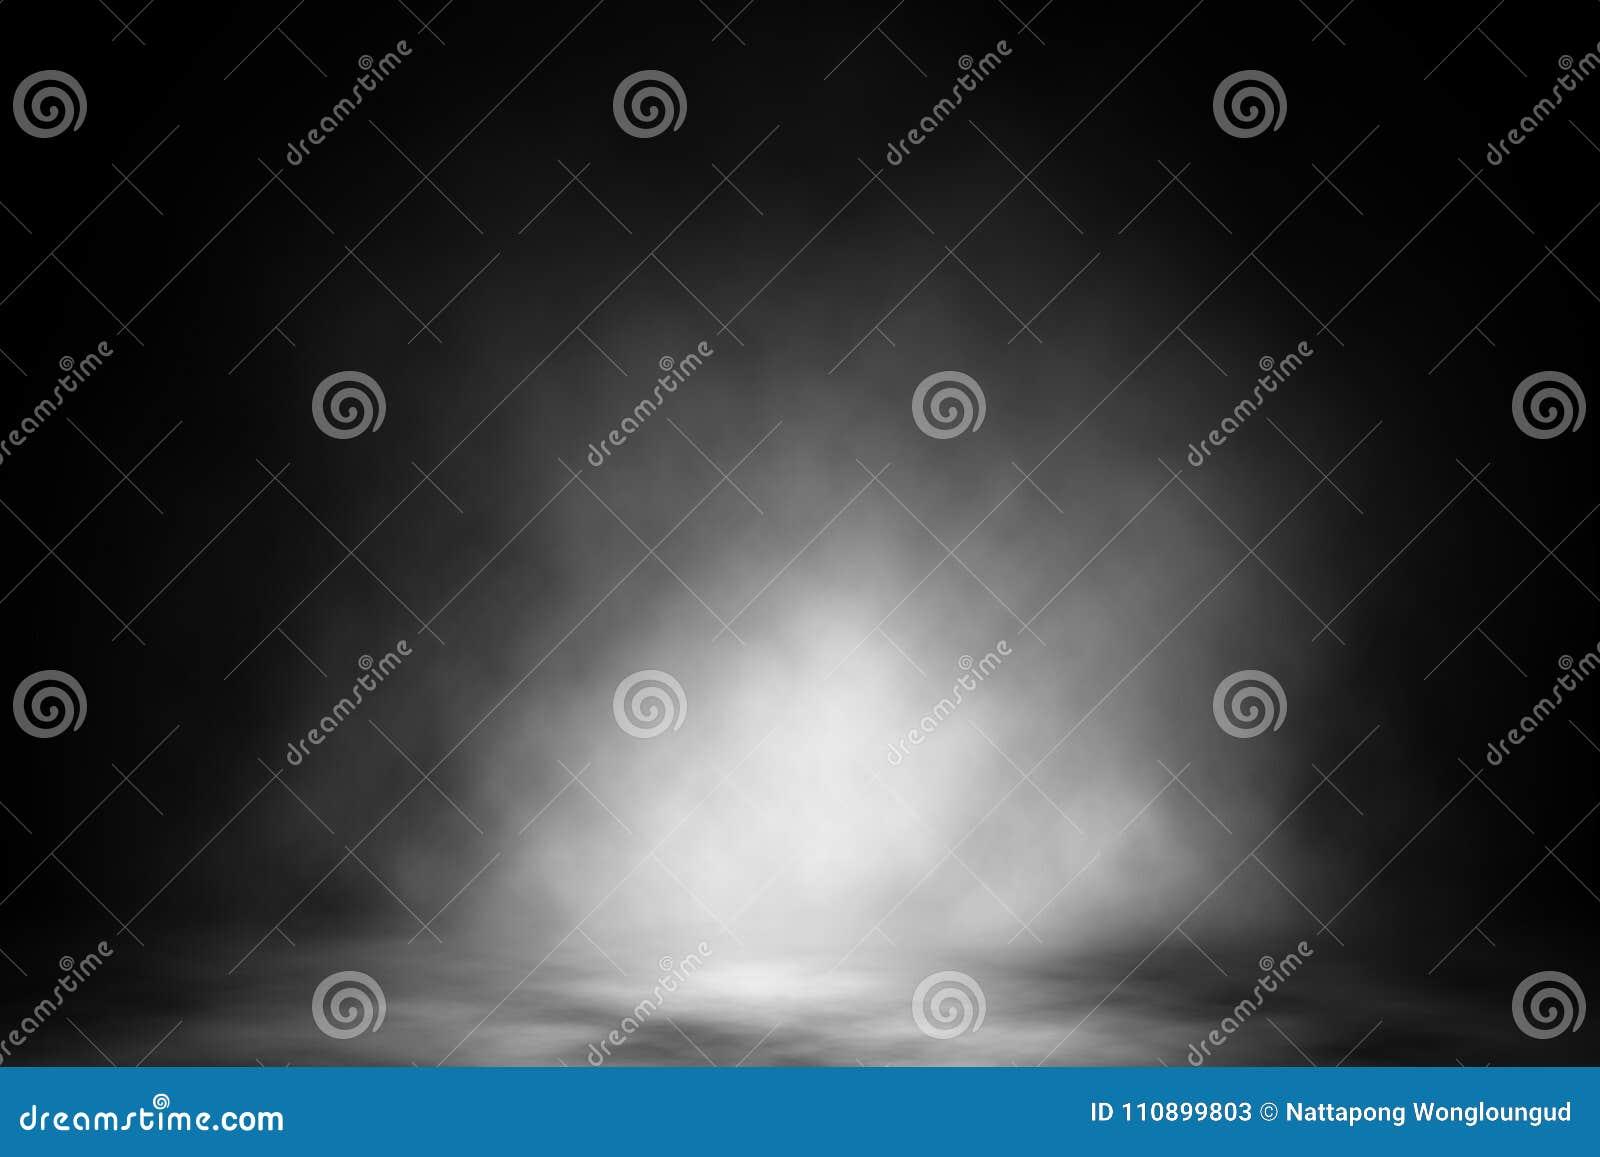 Белый фон ночного клуба дыма фары